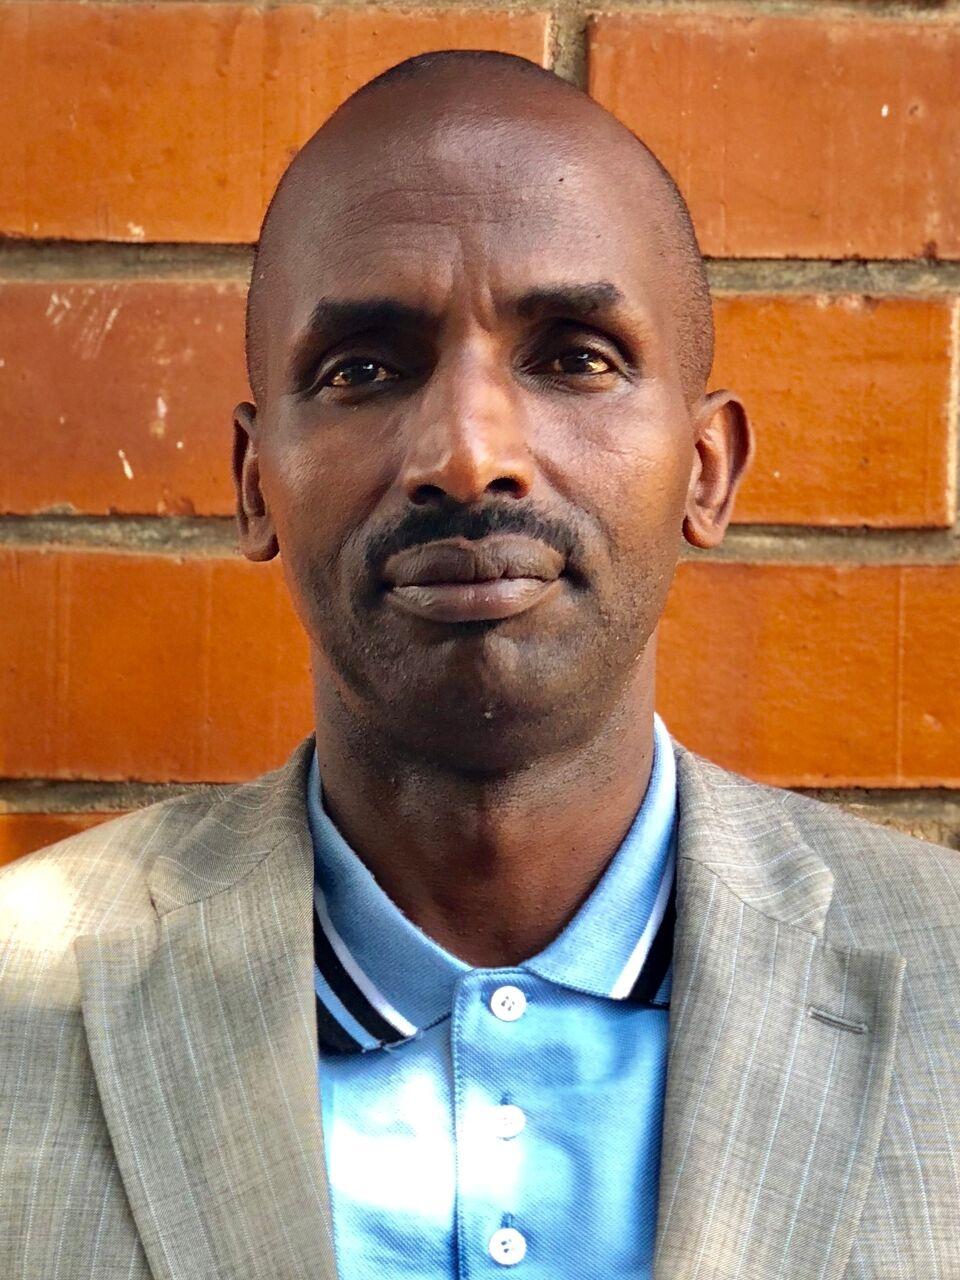 Owganzu Muhozu Francois